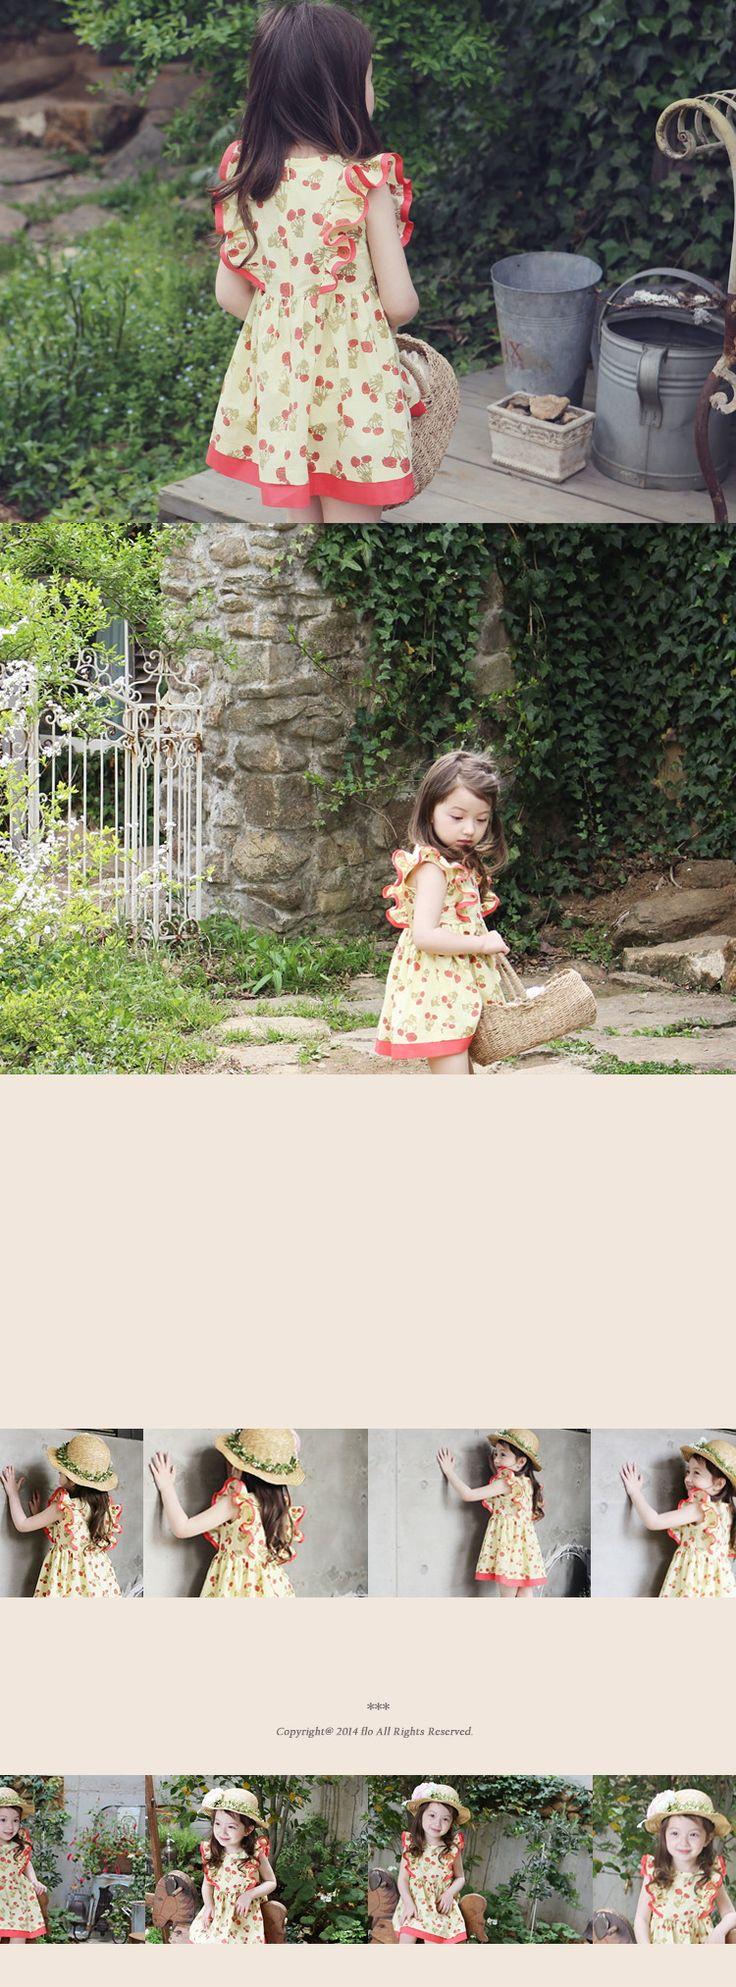 かわいい子供服   ベビー服   キッズファッション輸入通販のセレクトショップ【Peach Baby】Flo デイジワンピース